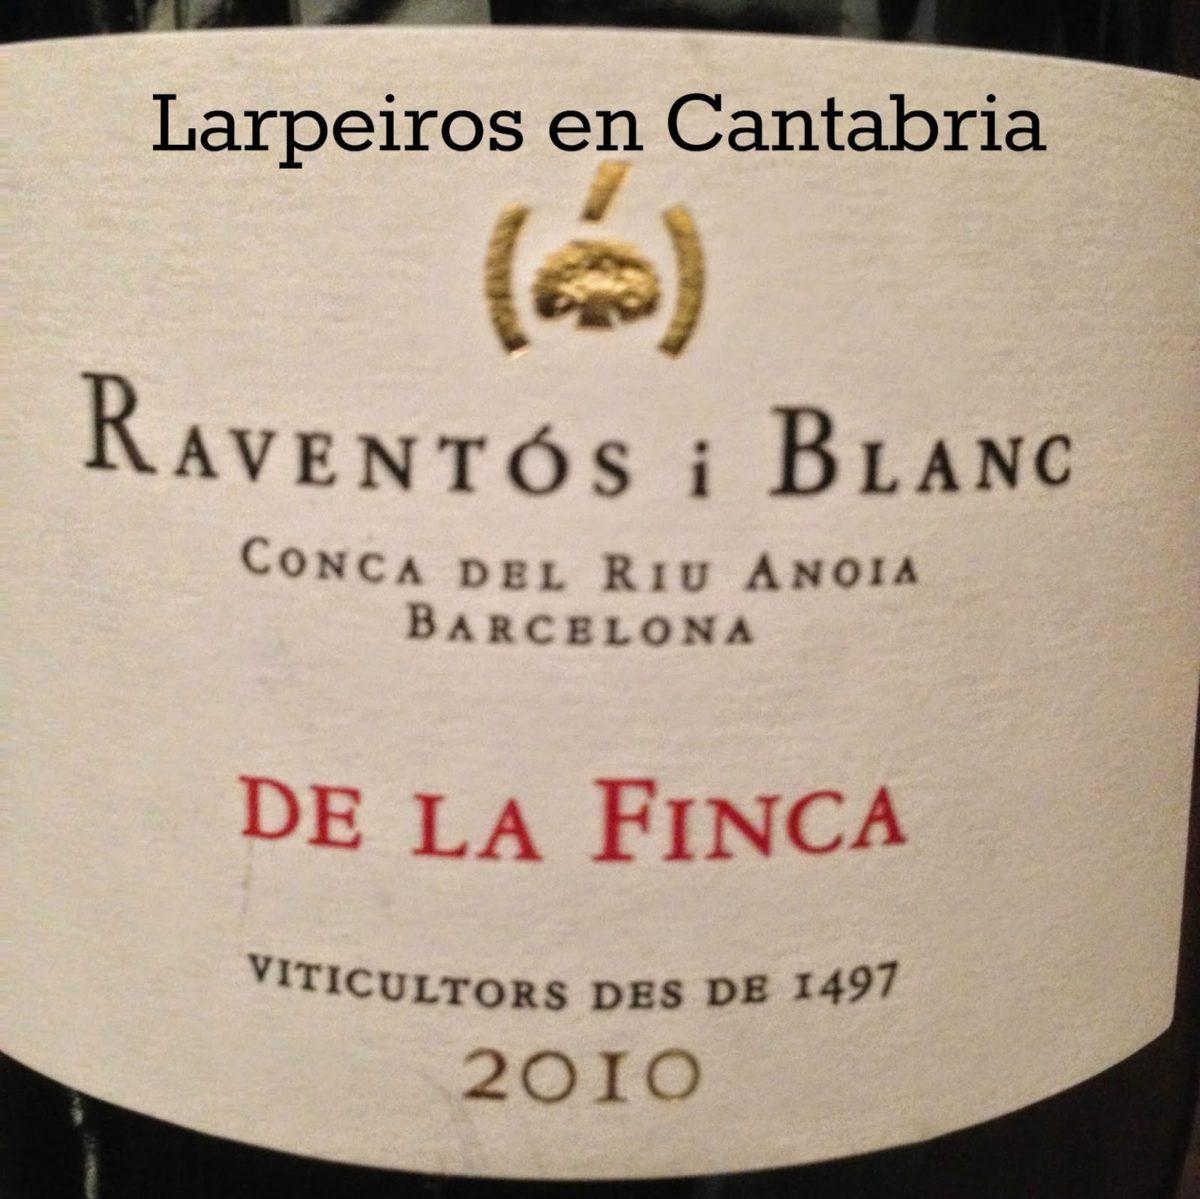 Raventós i Blanc La Finca 2010: Manteniendo el Nivel